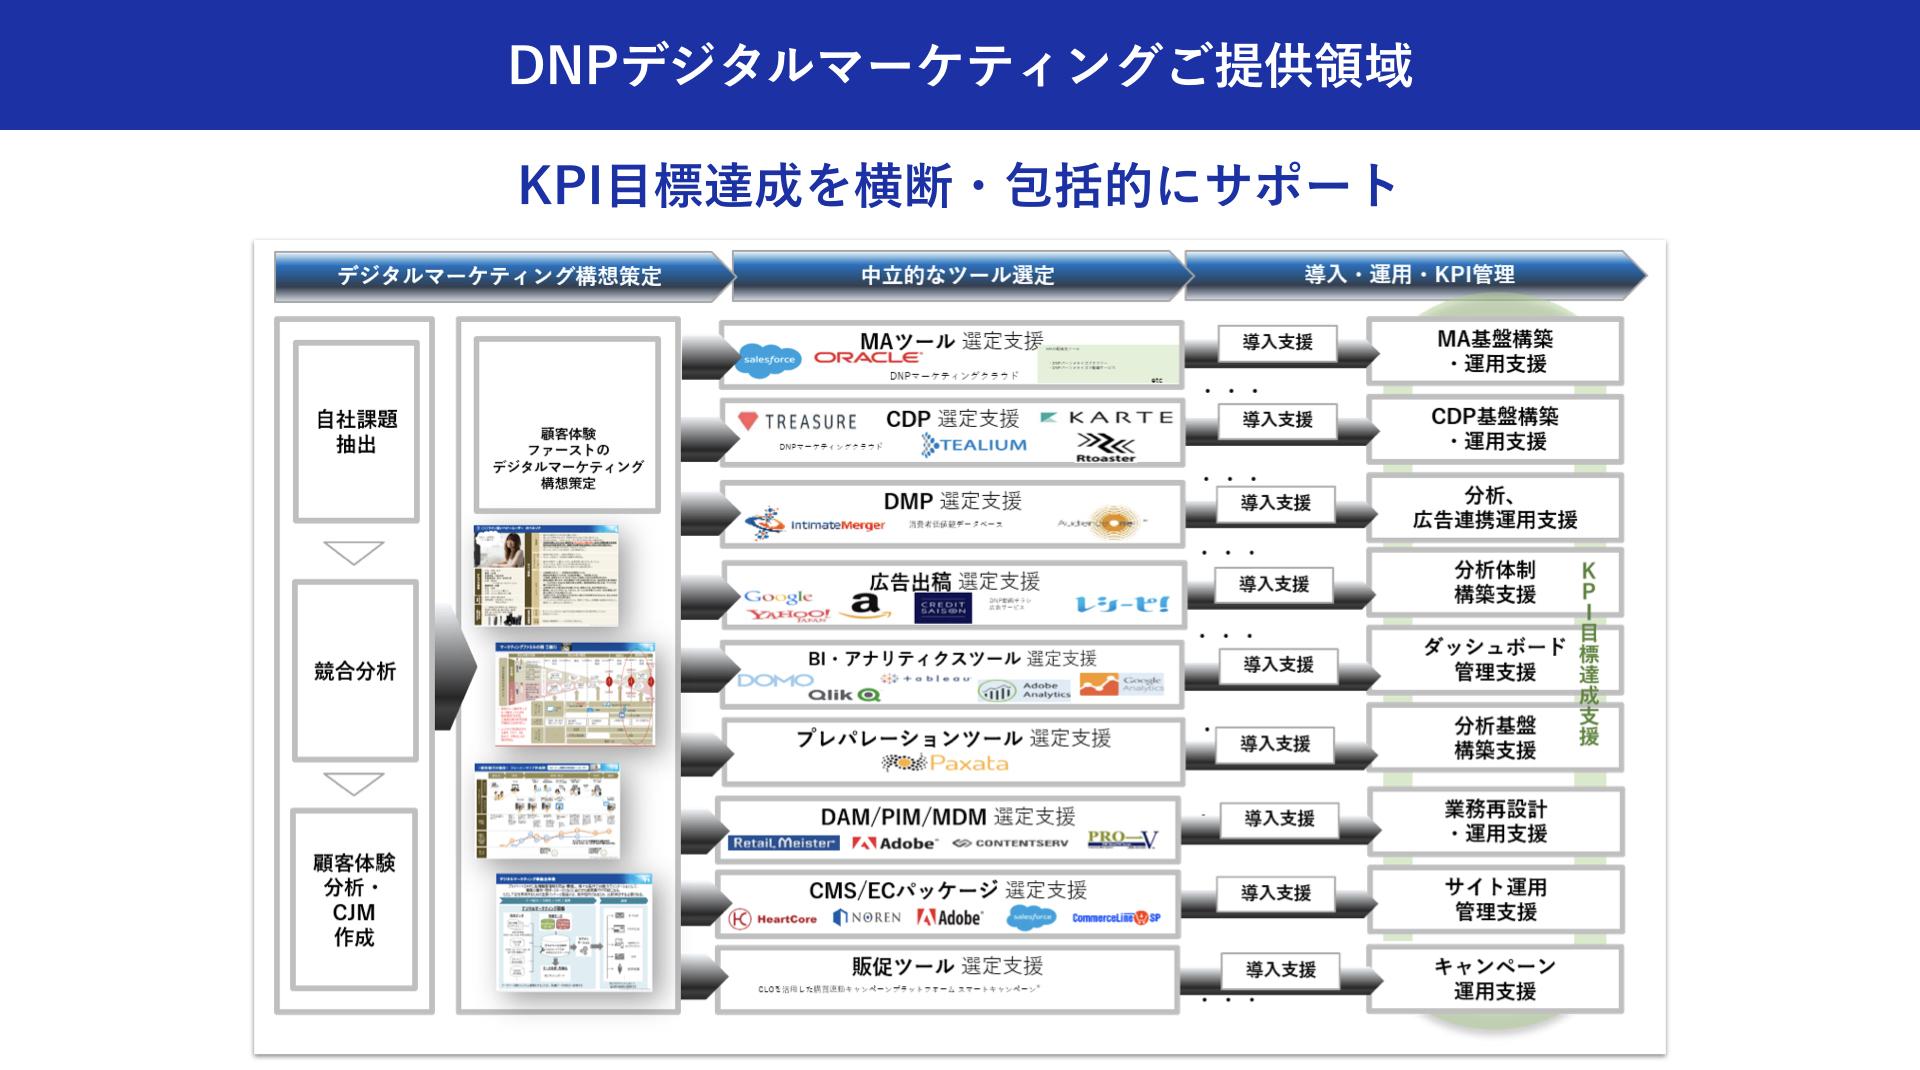 大日本印刷株式会社:加藤 綱貴 DNPデジタルマーケティングご提供領域